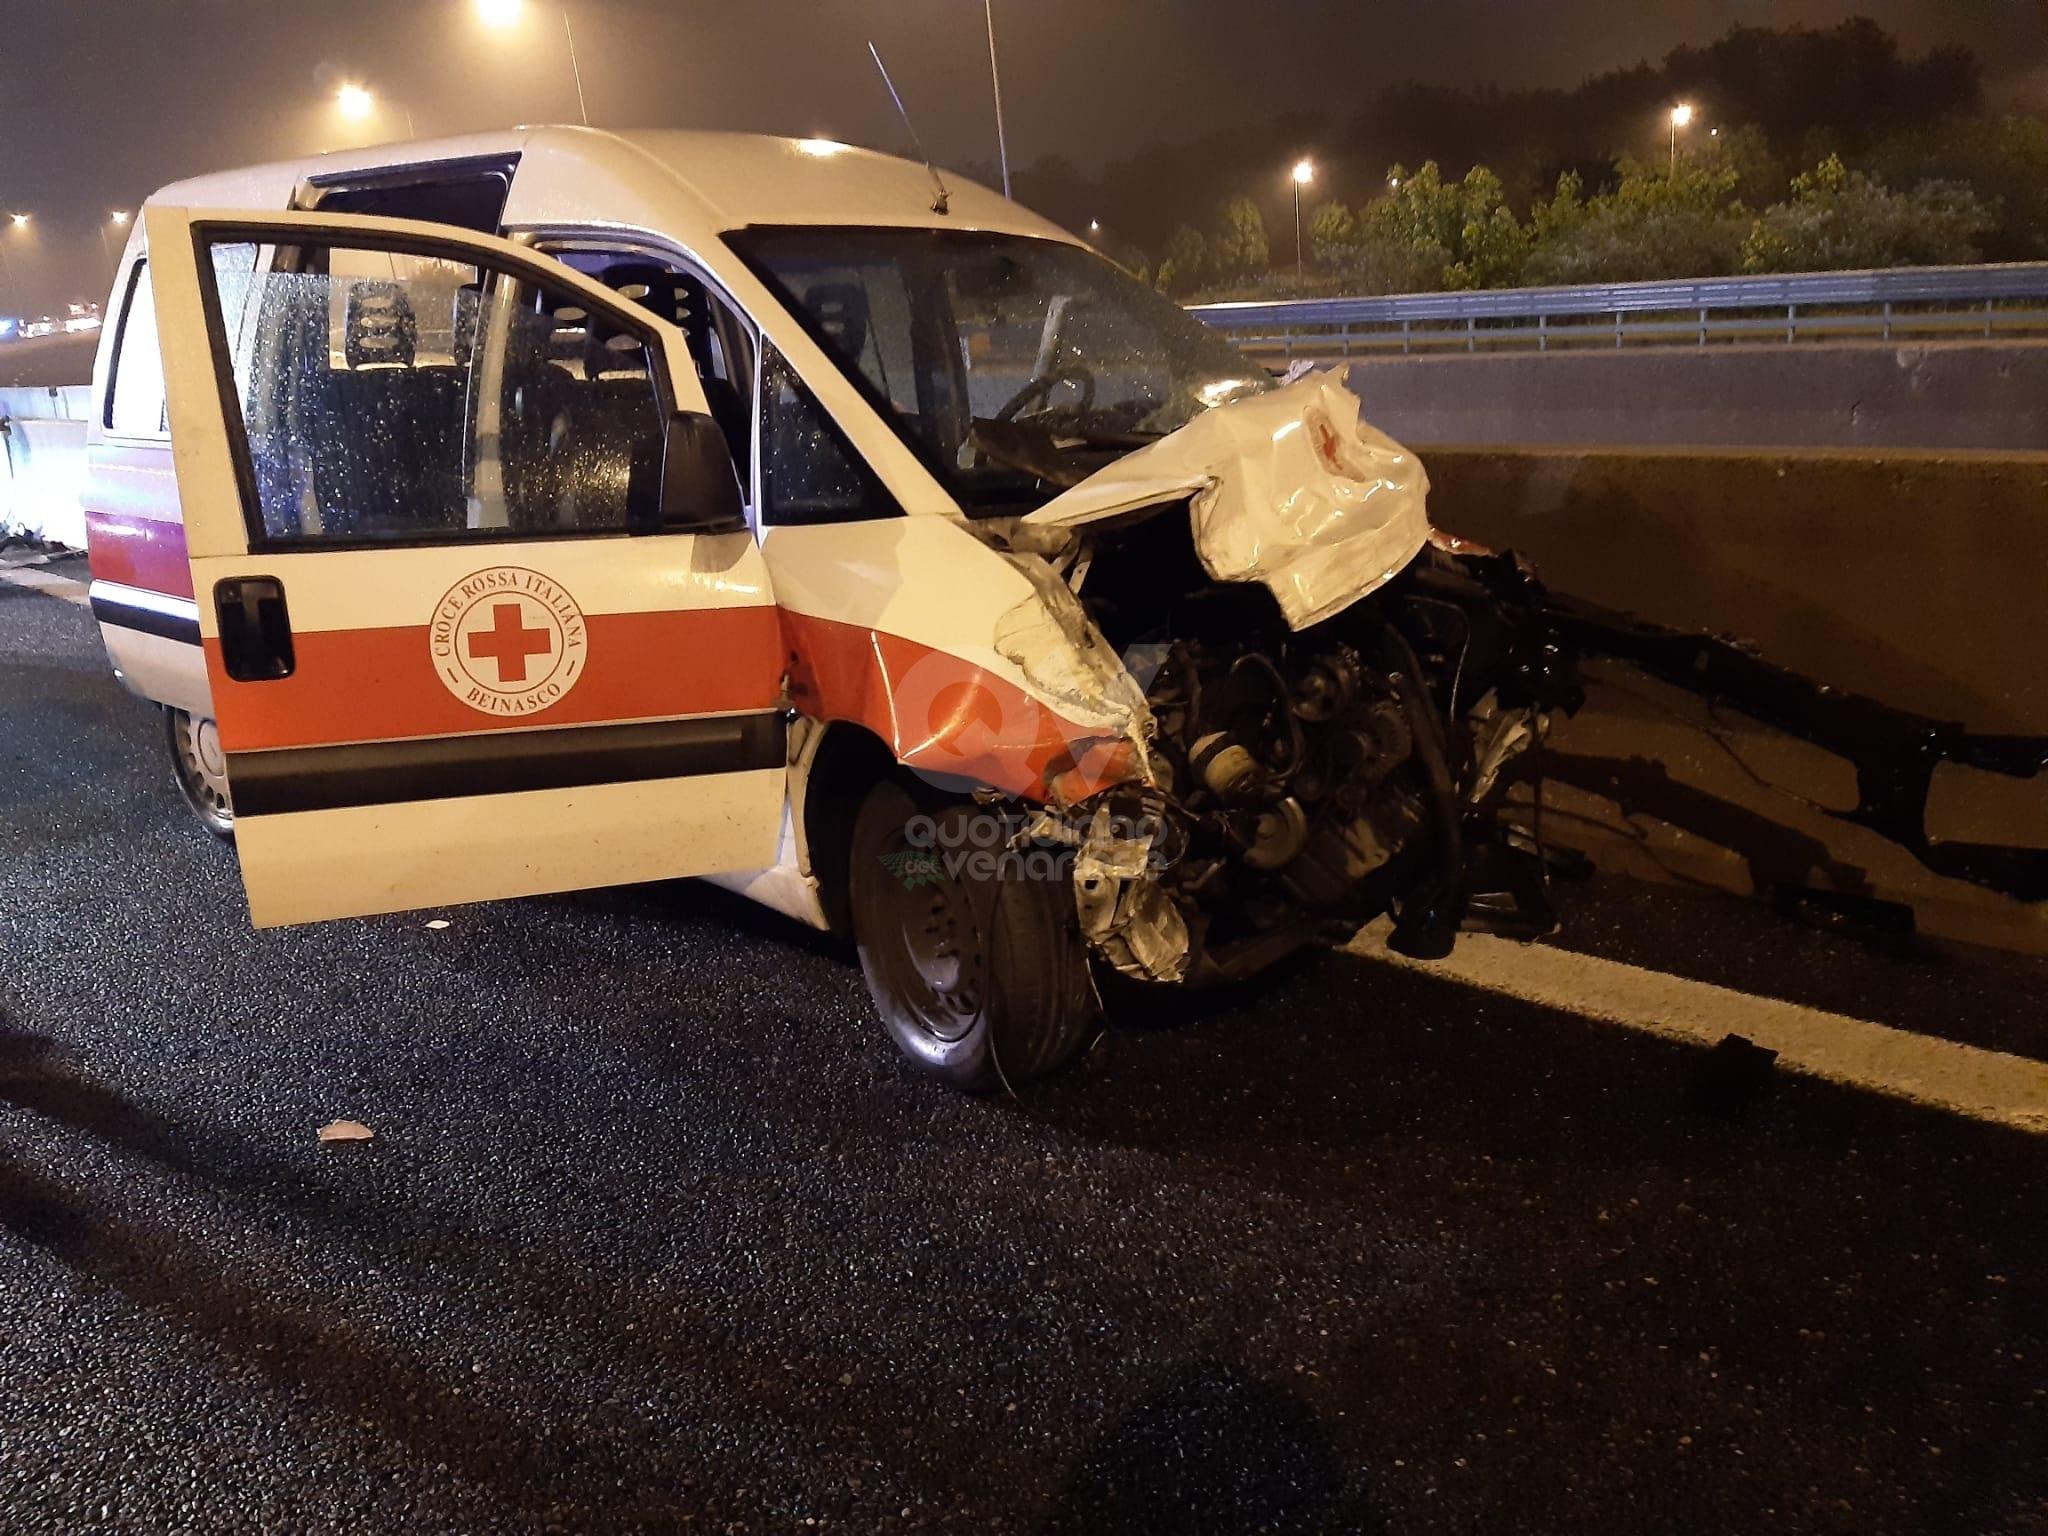 TRAGEDIA A RIVOLI - Il mezzo della Croce Rossa finisce contro il guard-rail: morto 25enne